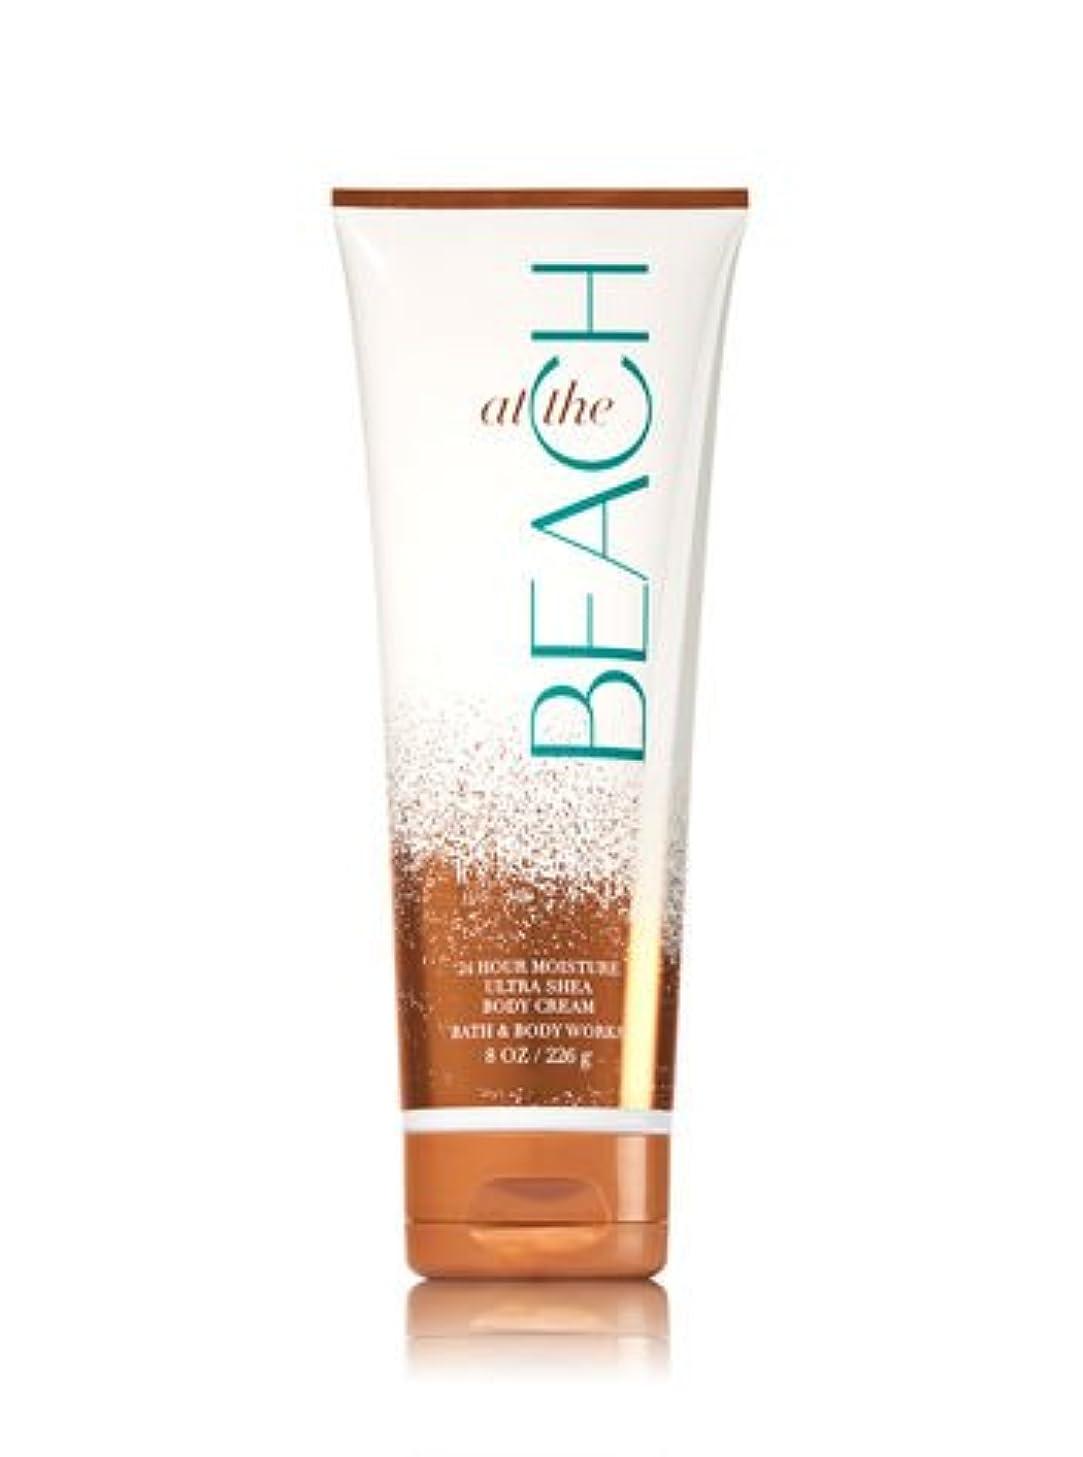 シマウマ演じる冒険家【Bath&Body Works/バス&ボディワークス】 ボディクリーム アットザビーチ Body Cream At The Beach 8 oz / 226 g [並行輸入品]